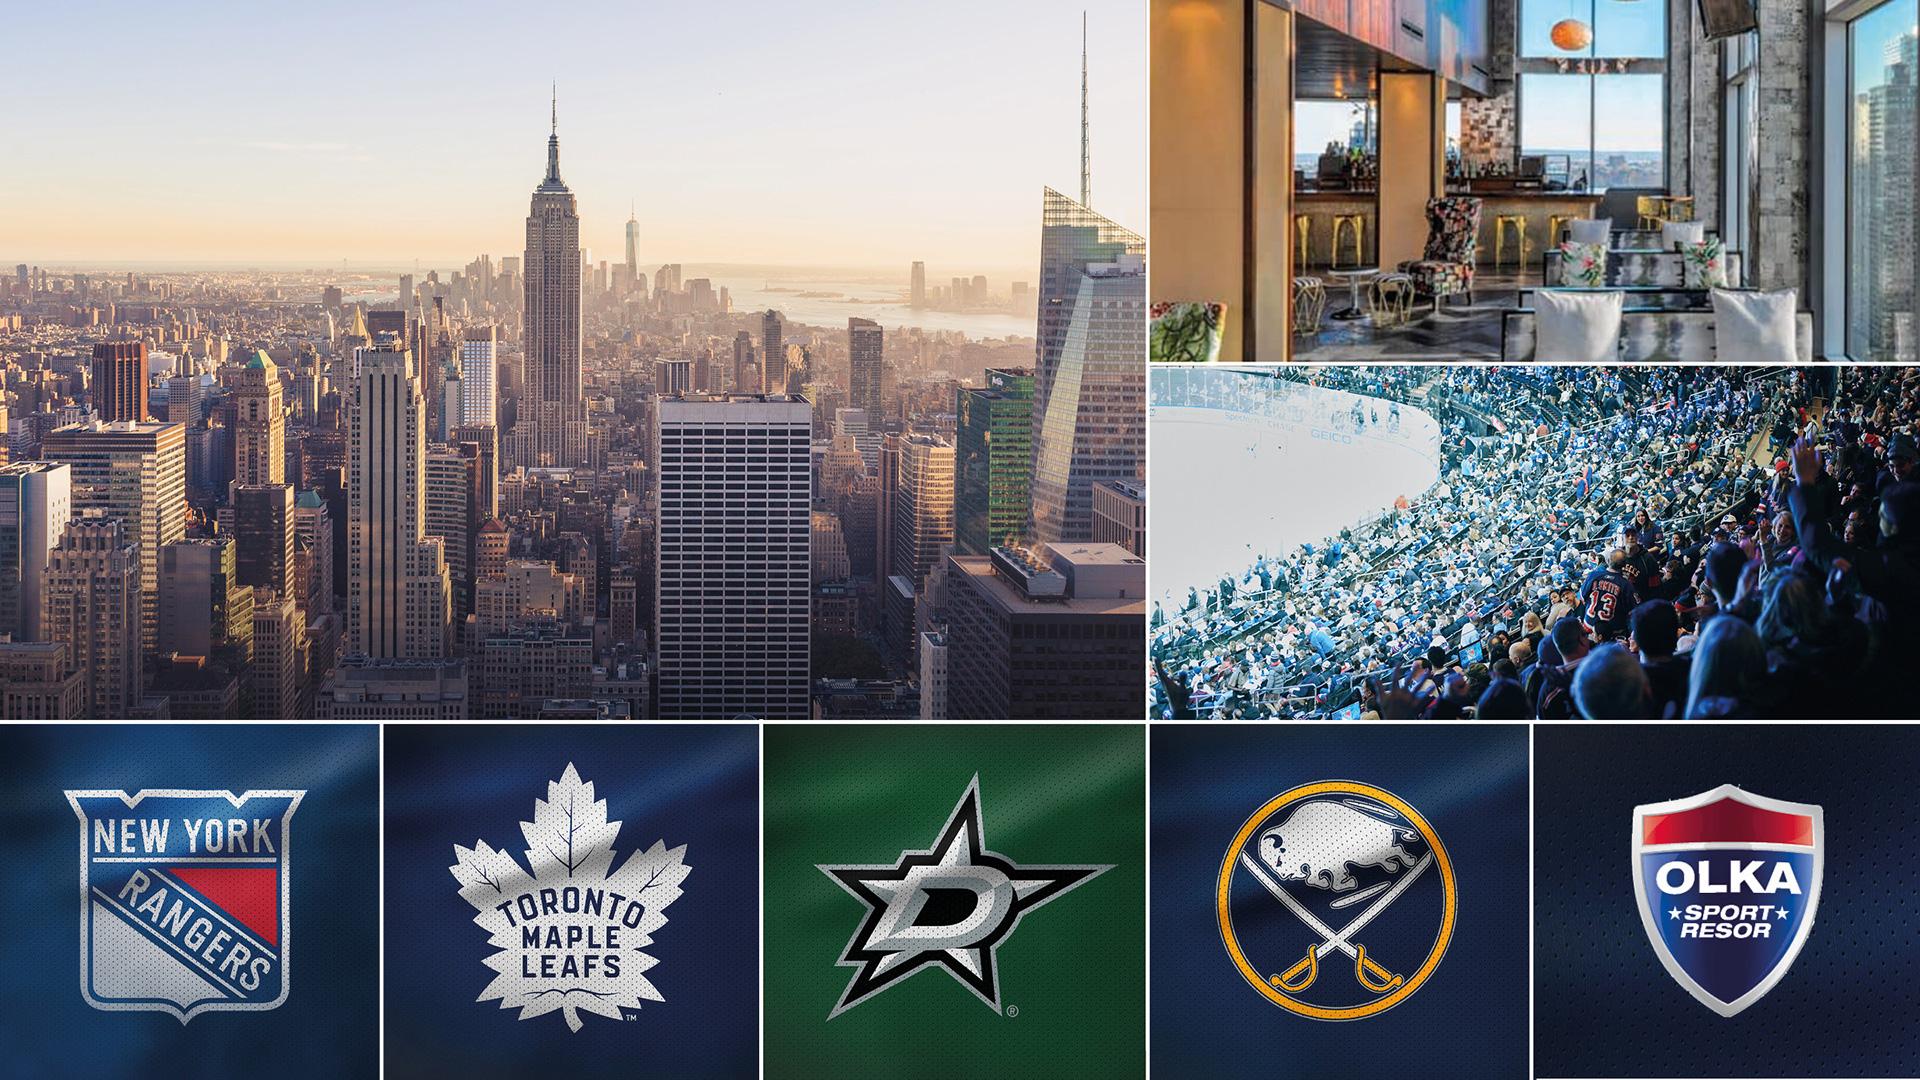 NHL-resa New York med svenskmöten - 2-9 februari 2020 | Tillsammans med OLKA sportresor anordnar vi en hockeyresa till New York där tre matcher med New York Rangers i Madison Square Garden väntar, alla med heta svenskdueller mot Dallas, Toronto och Buffalo.